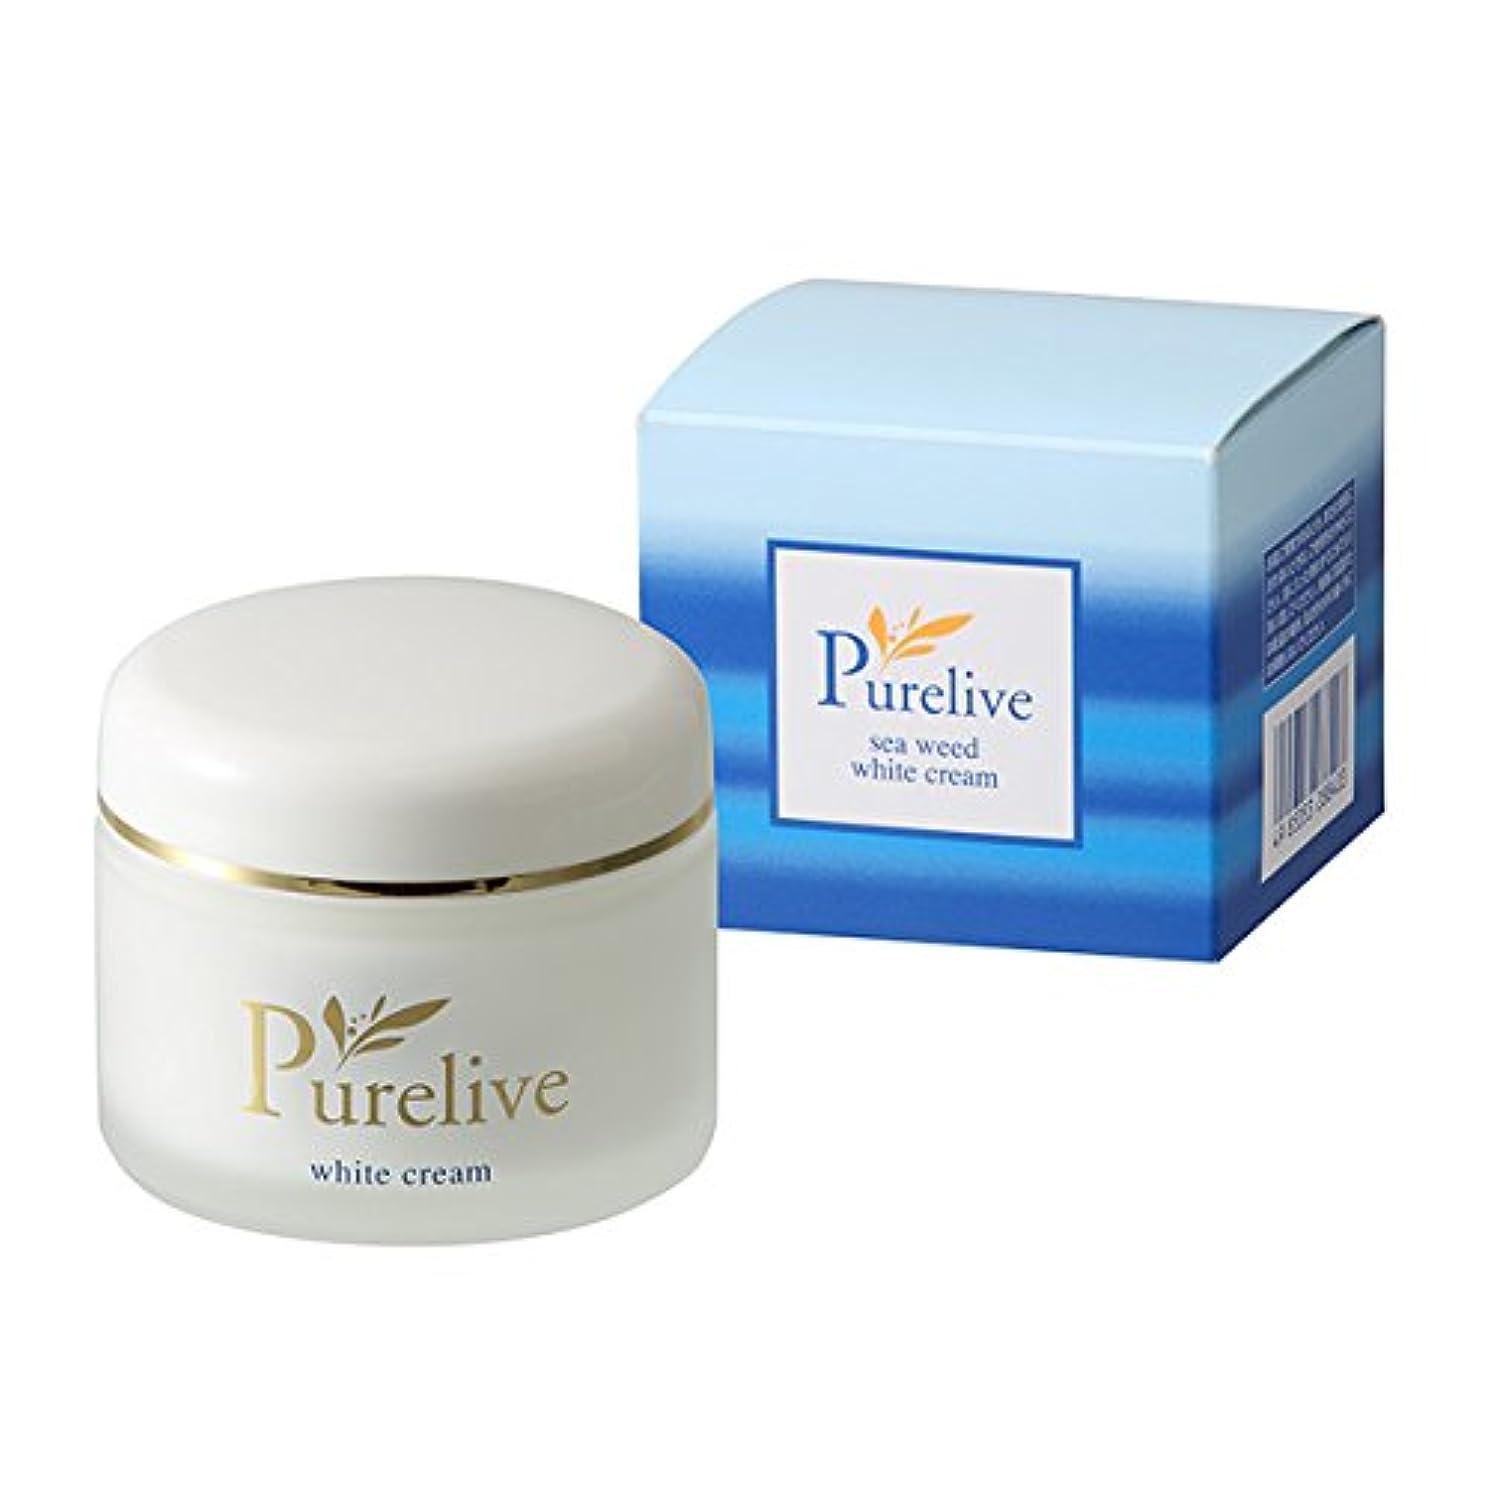 裂け目歯サワー[PURELIVE] ホワイト モイスチャークリーム White Moisture Cream‐KH320